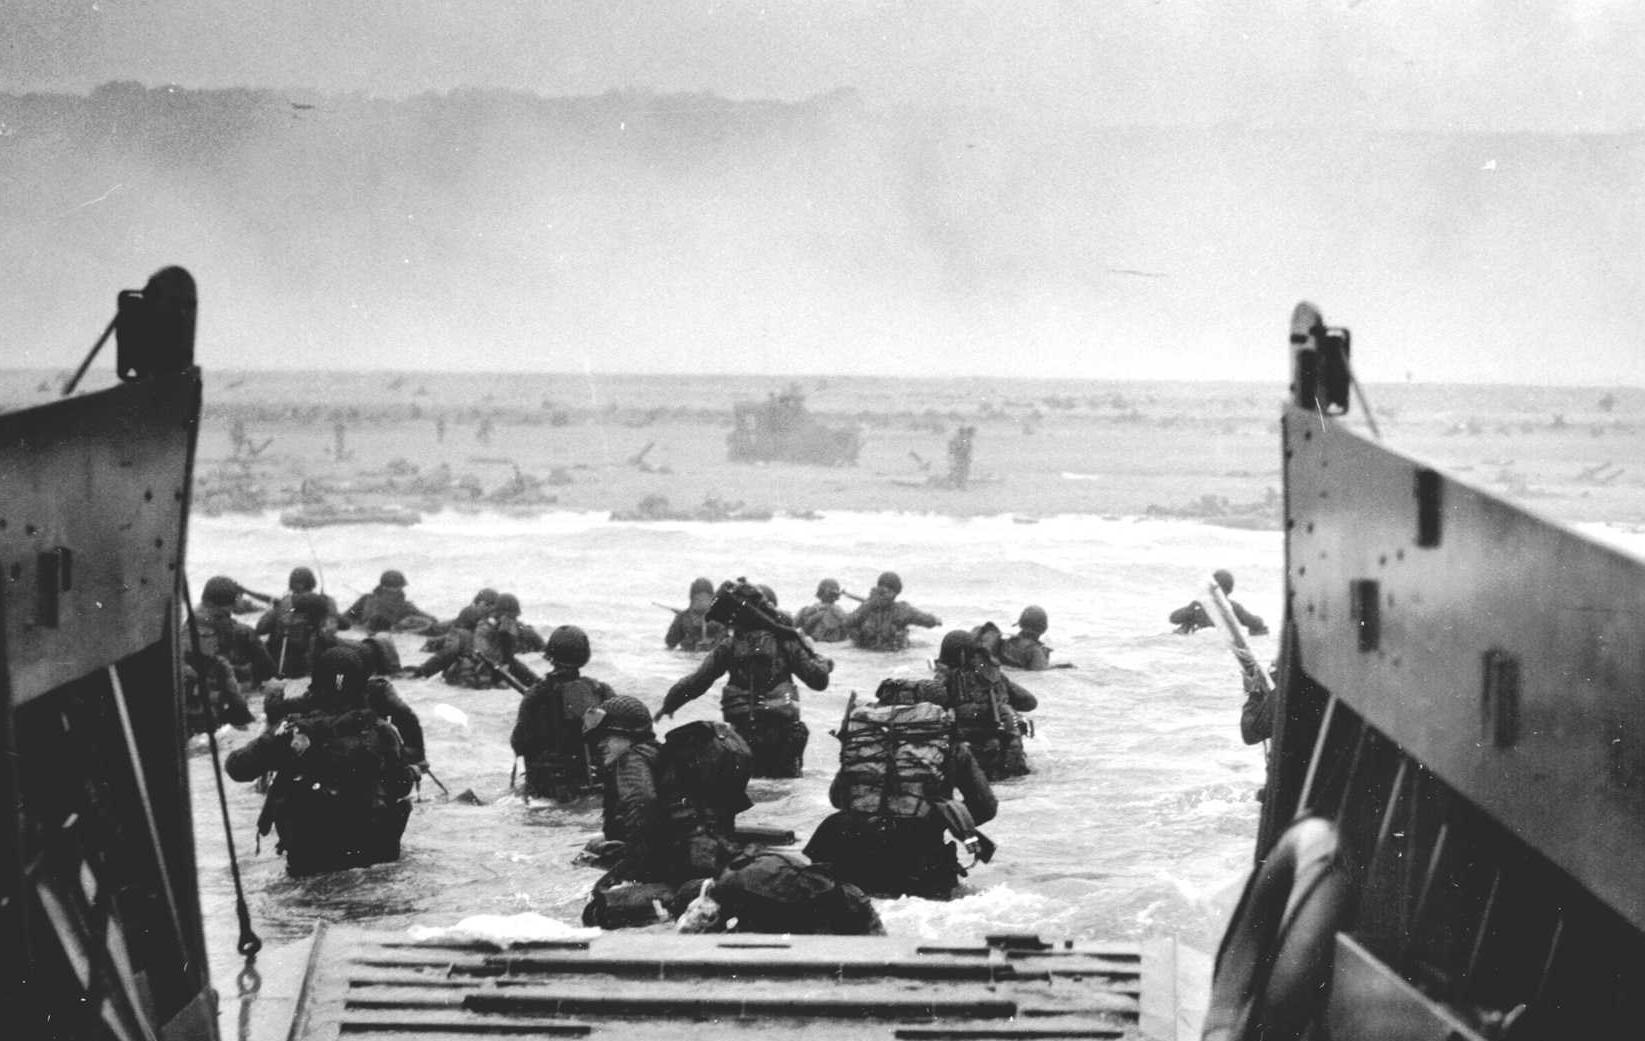 D Day 6 June 1944 - Normandy landings